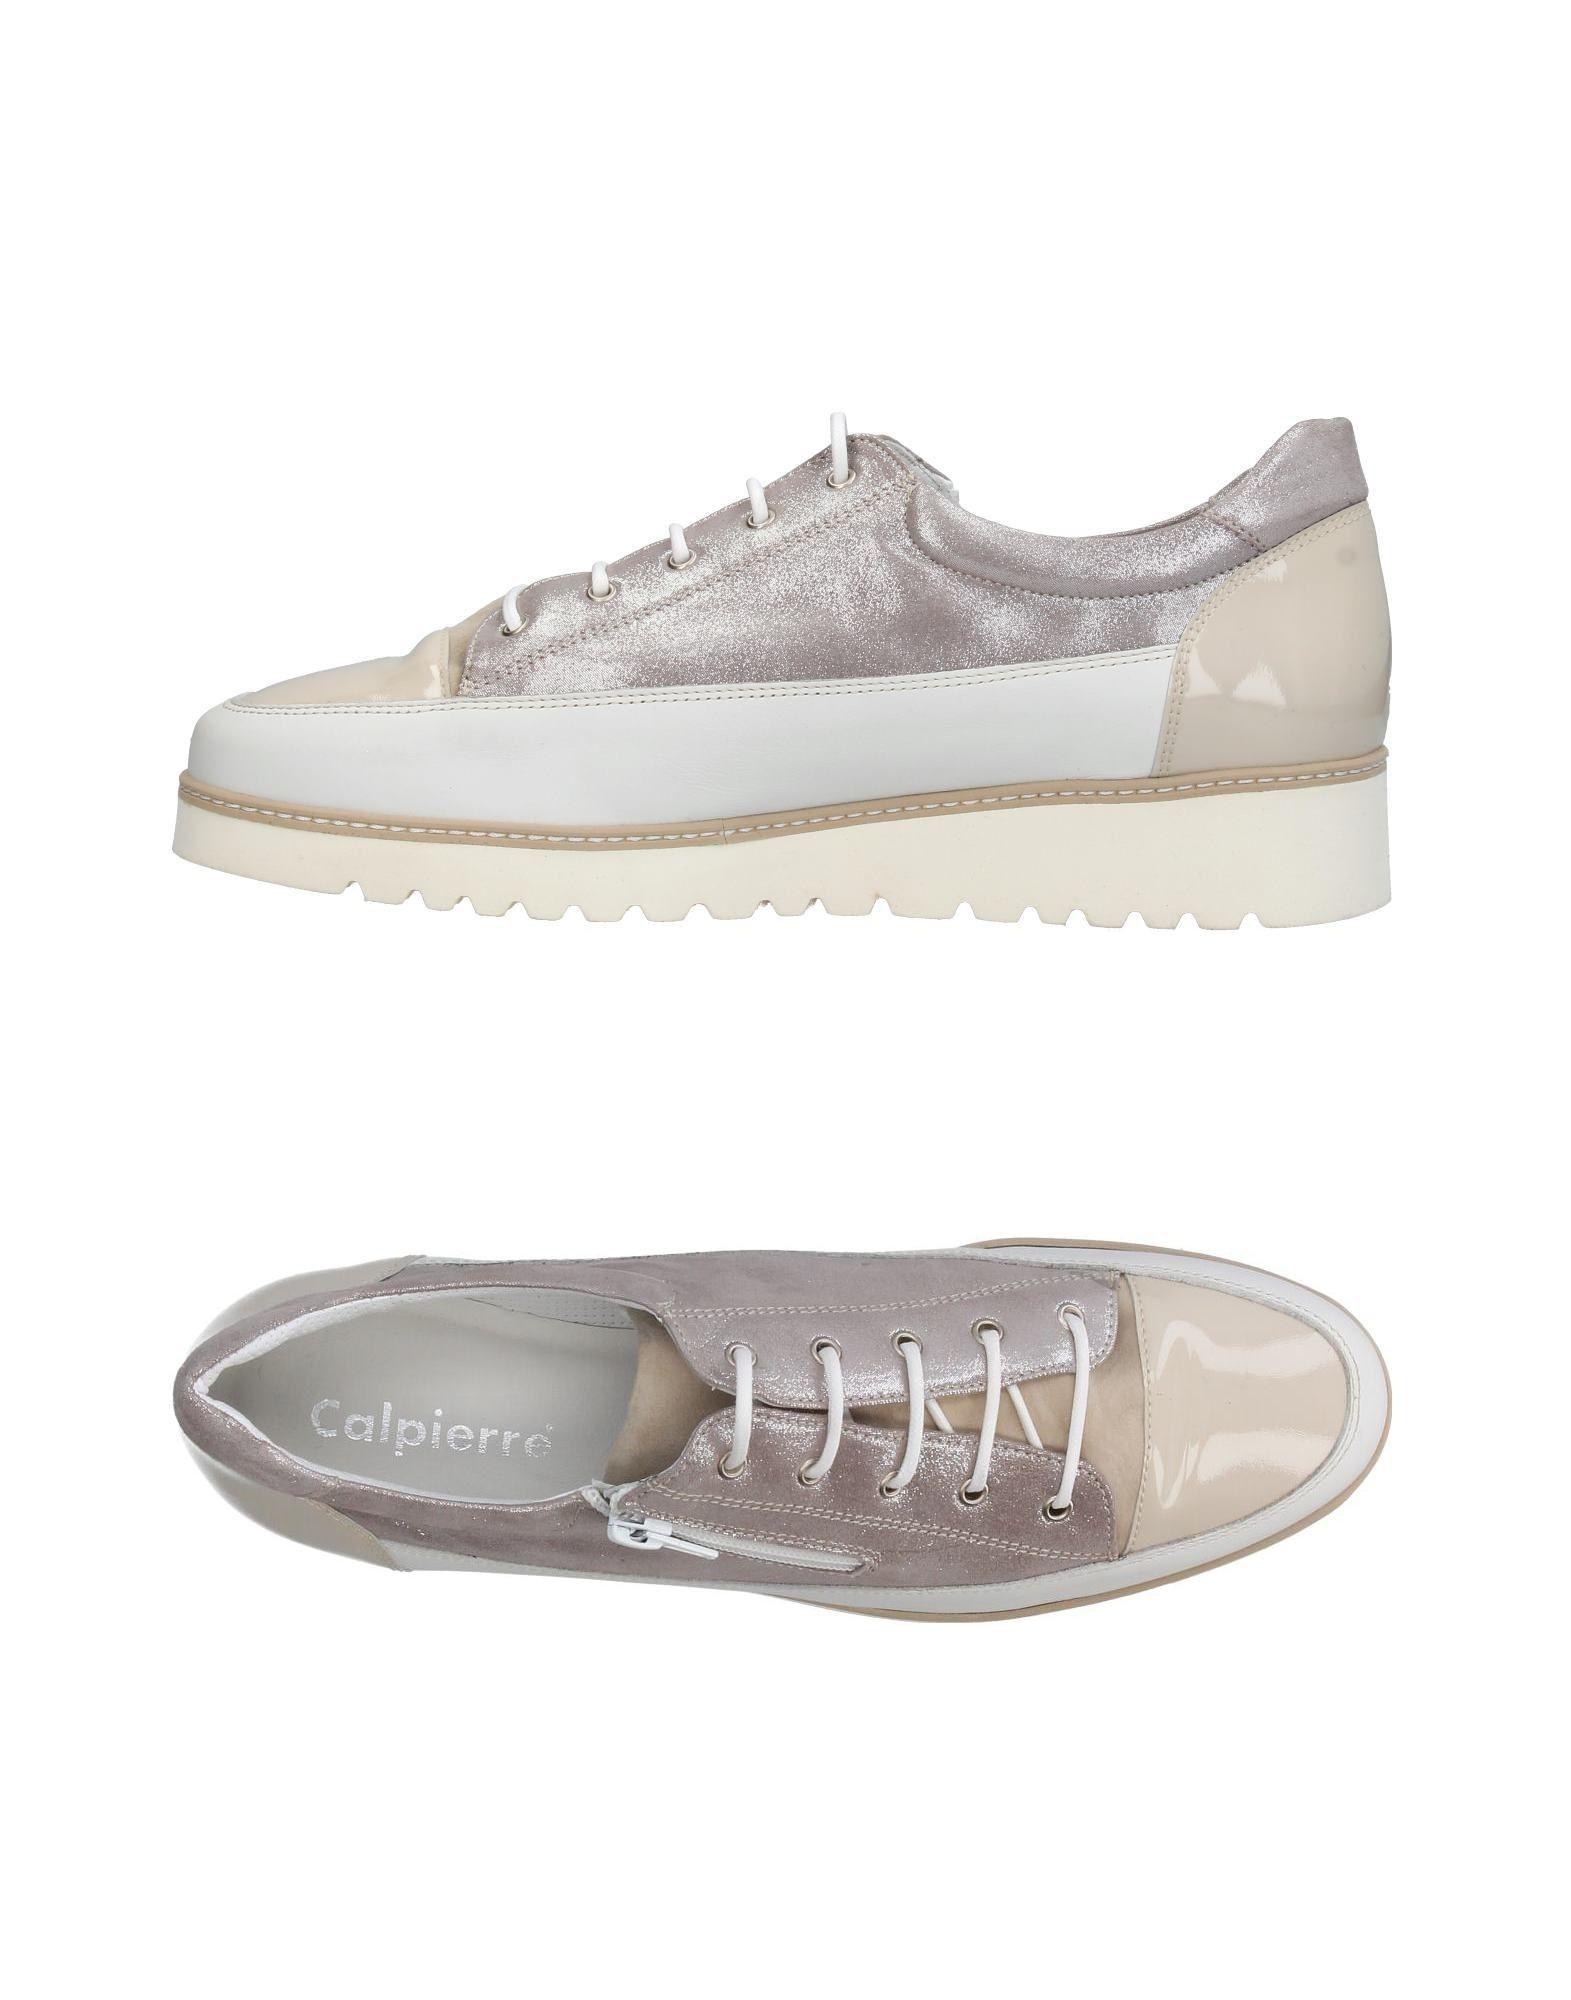 Sneakers Calpierre Donna - distintive 11407602HA Scarpe comode e distintive - fa131a